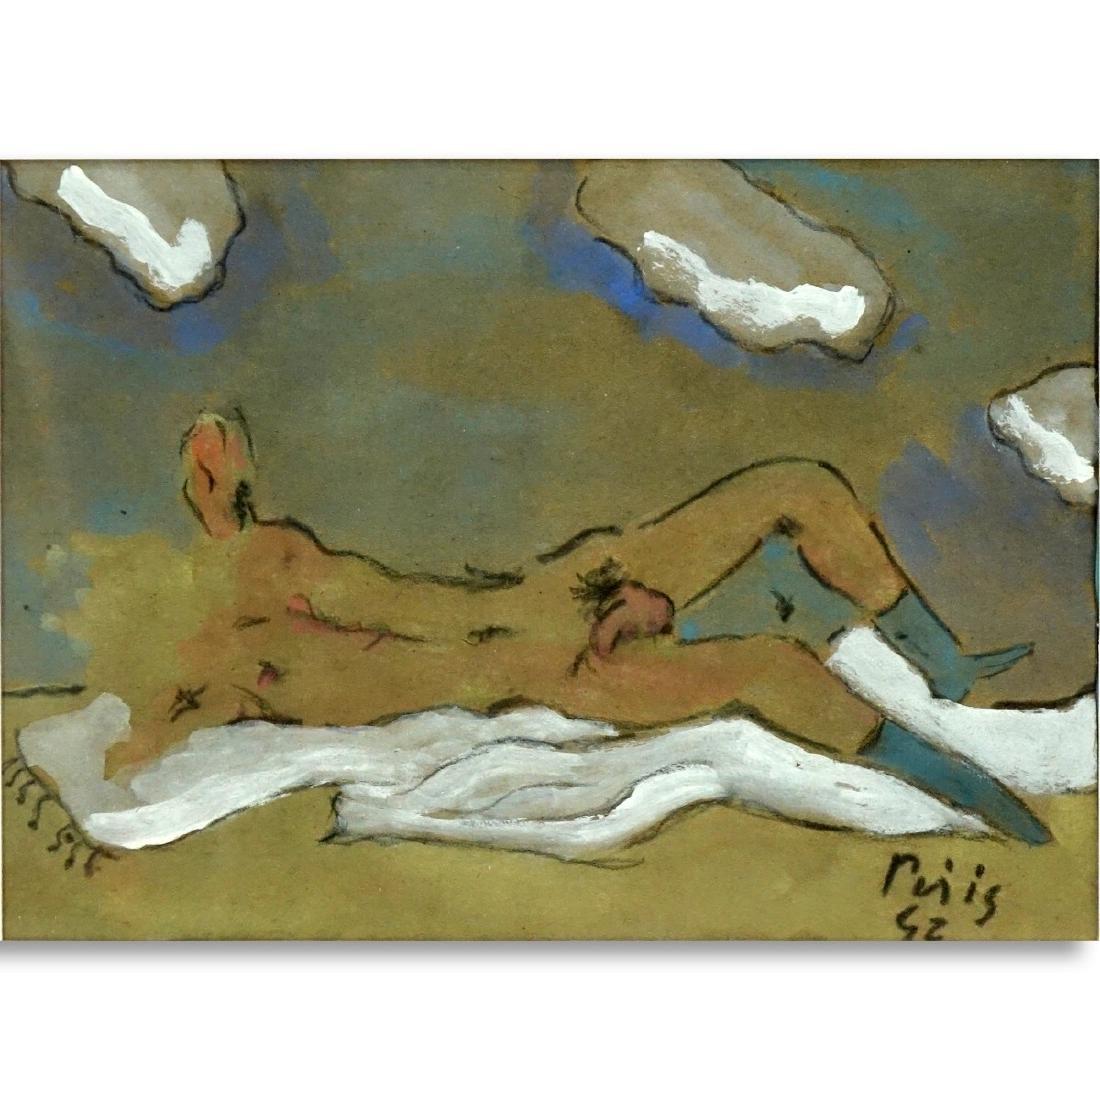 Filippo de Pisis, Italian (1896–1956) Watercolor